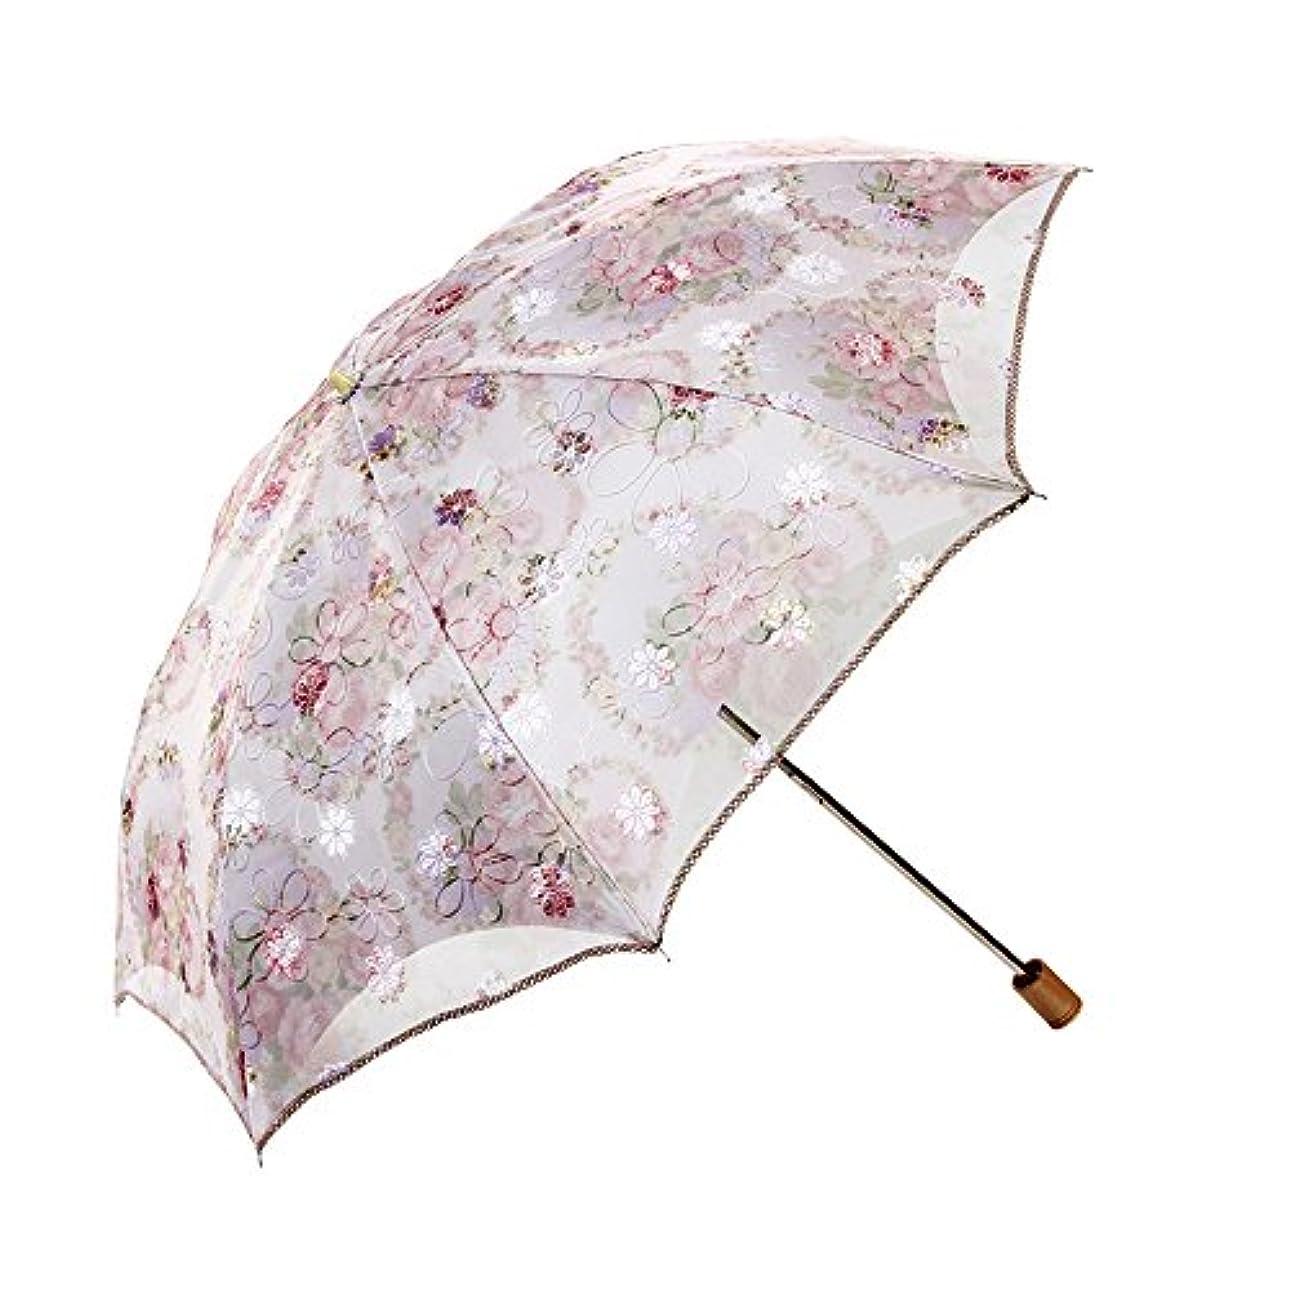 シャー脊椎プランテーションYijinxiu 日傘 折りたたみ 晴雨兼用 レディース 折り畳み傘 レース 遮熱日傘 uvカット 紫外線カット 軽量 8本骨 3つ折 2つ折 おしゃれ 可愛い 雨傘 紫外線対策 ピンク ブルー (2つ折-ピンクB)